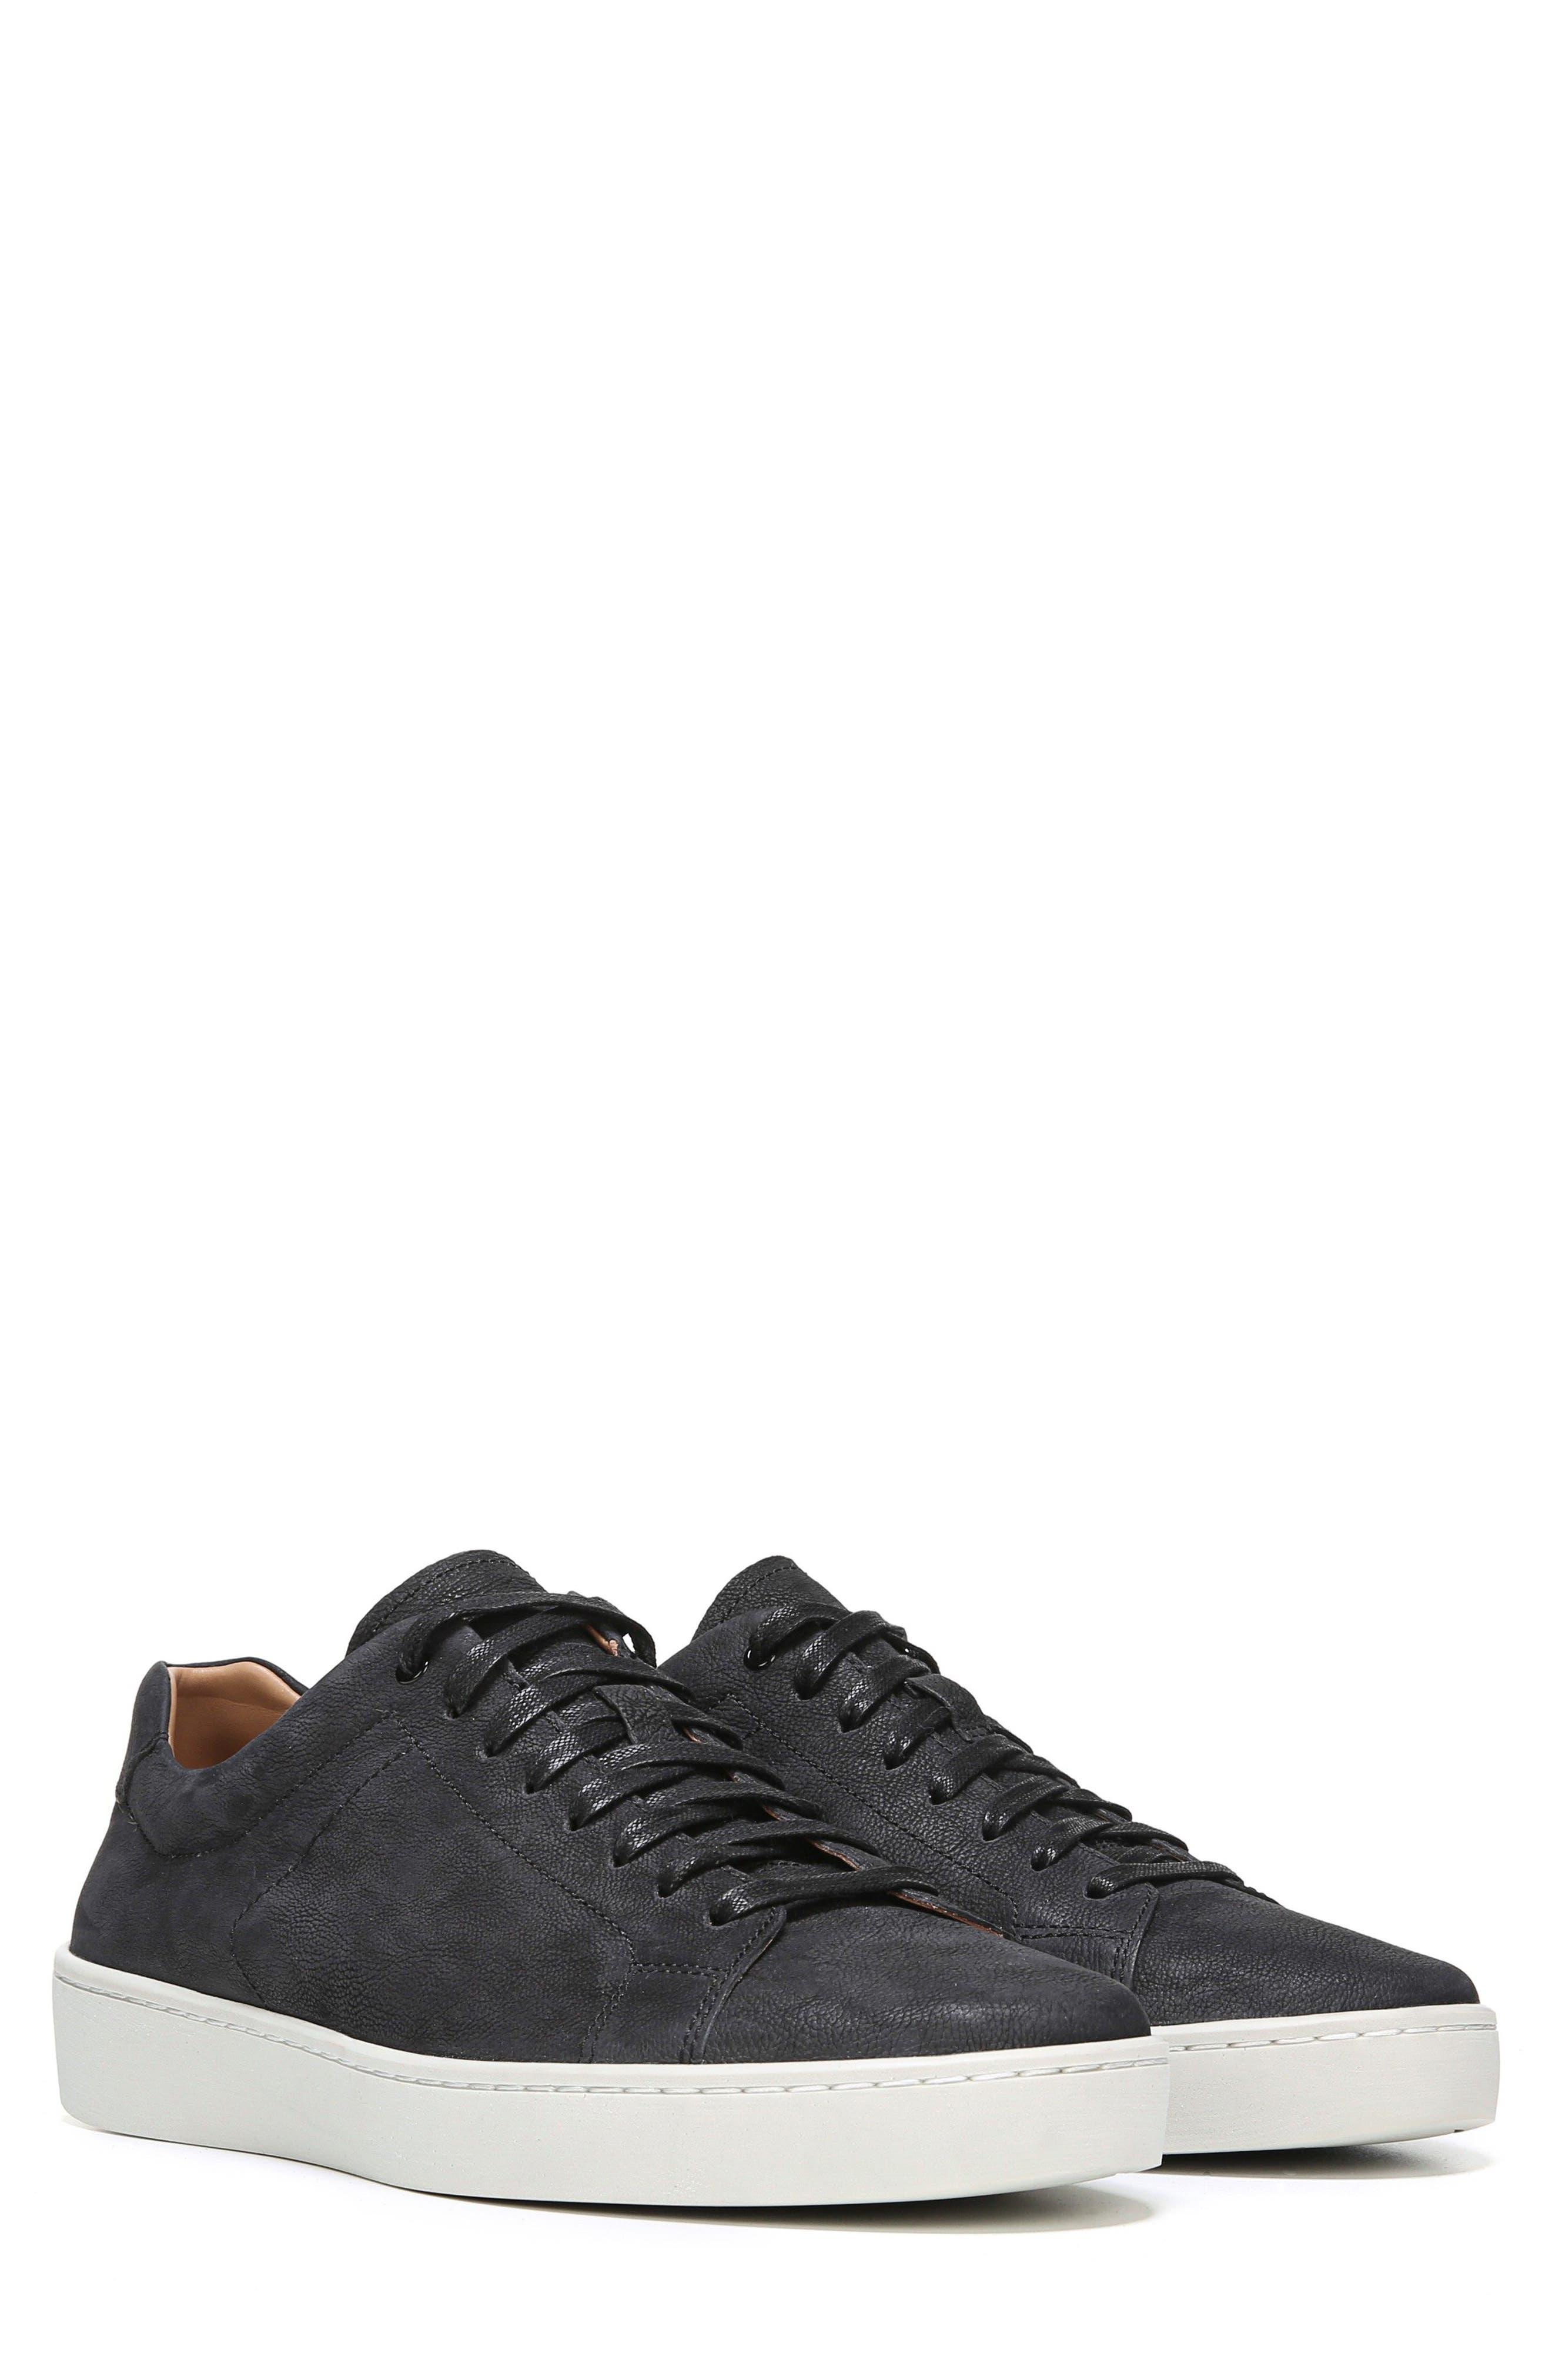 Slater Sneaker,                             Alternate thumbnail 7, color,                             BLACK NUBUCK